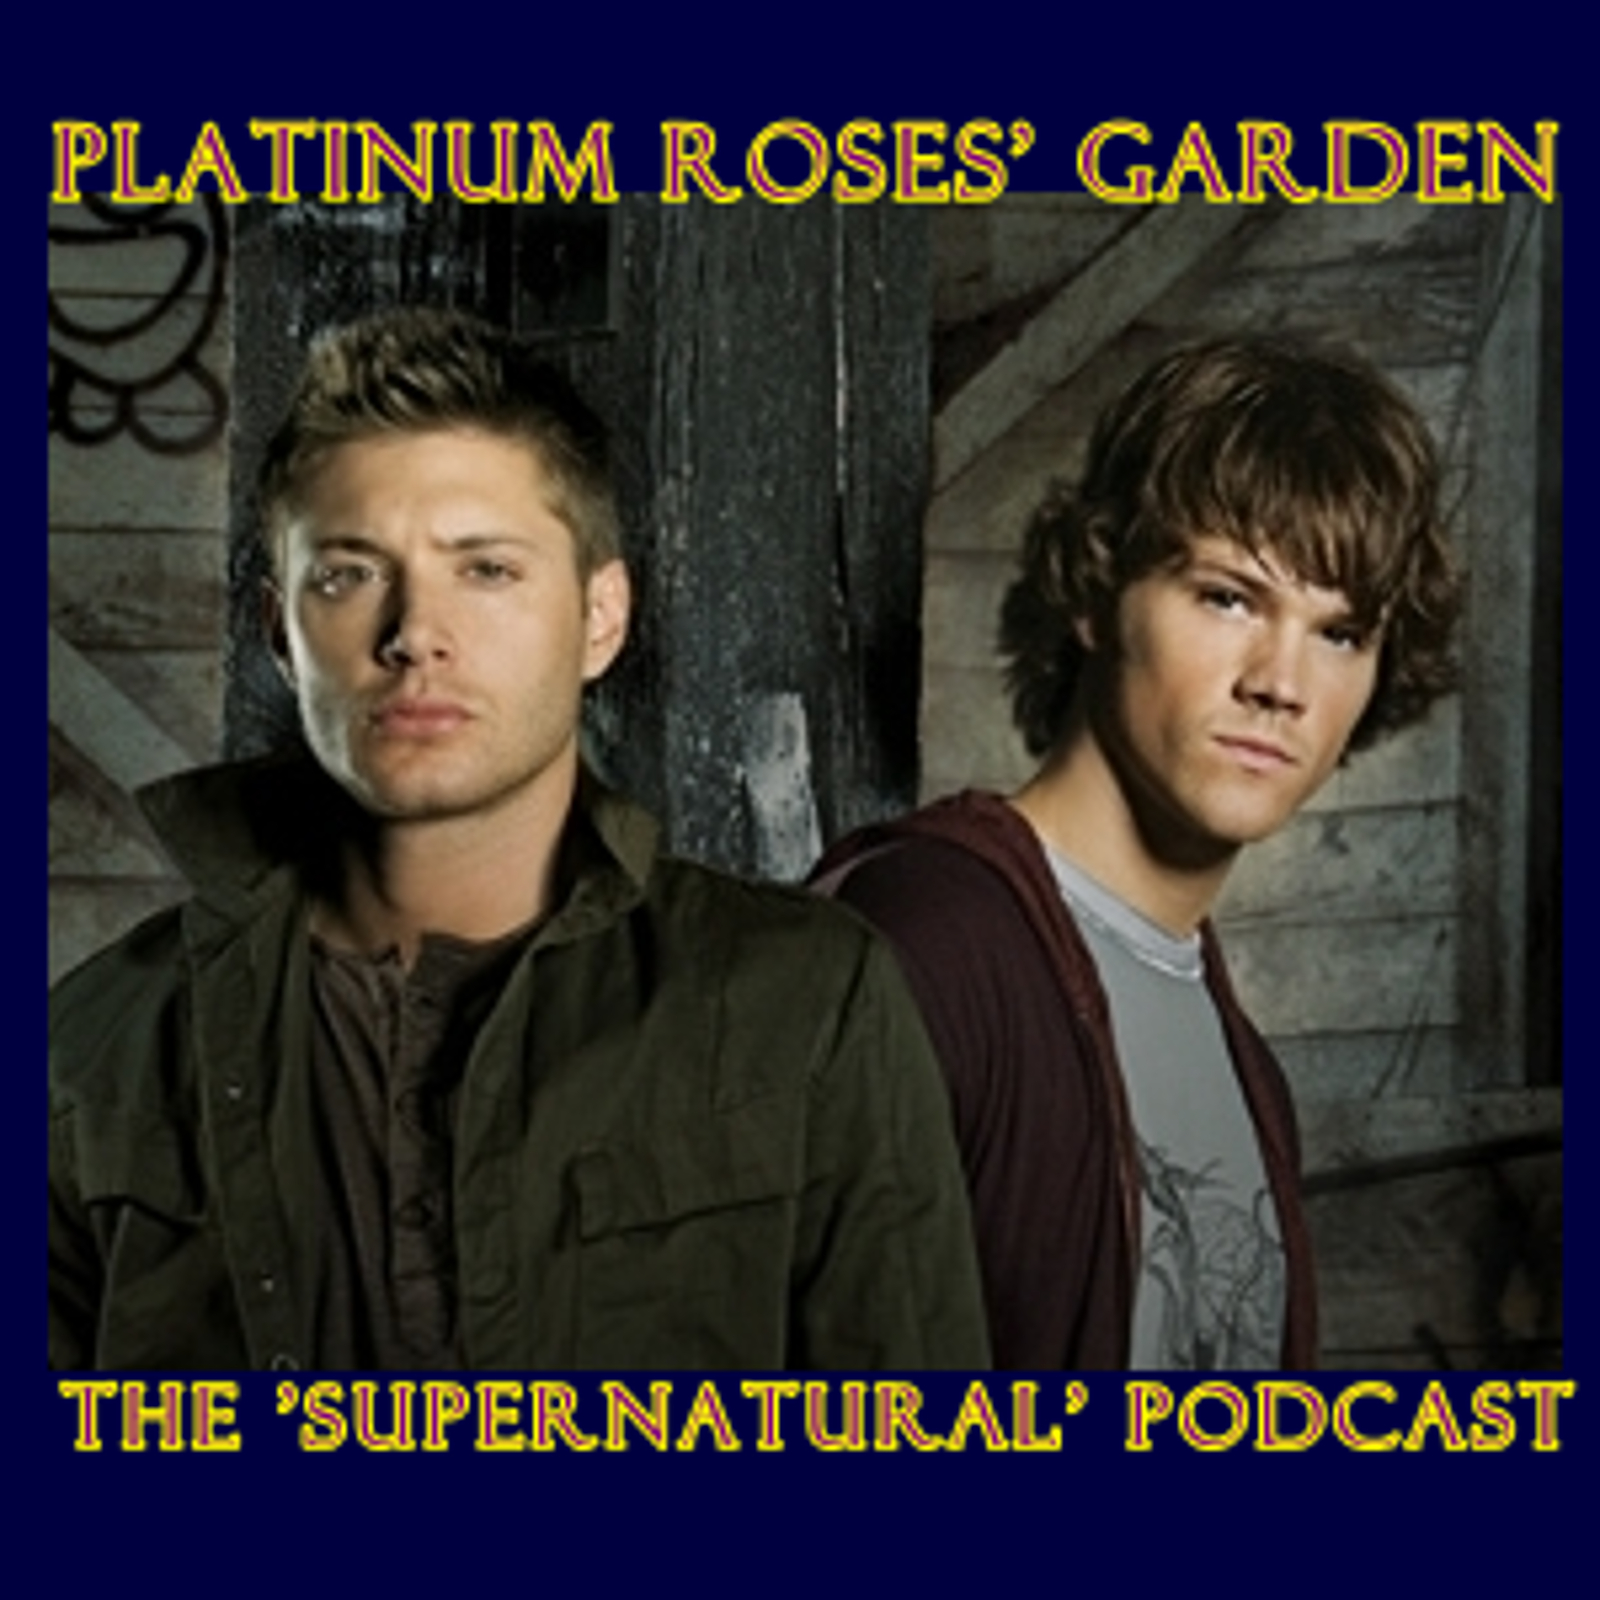 Artwork for Platinum Roses' Garden - September 13 2009